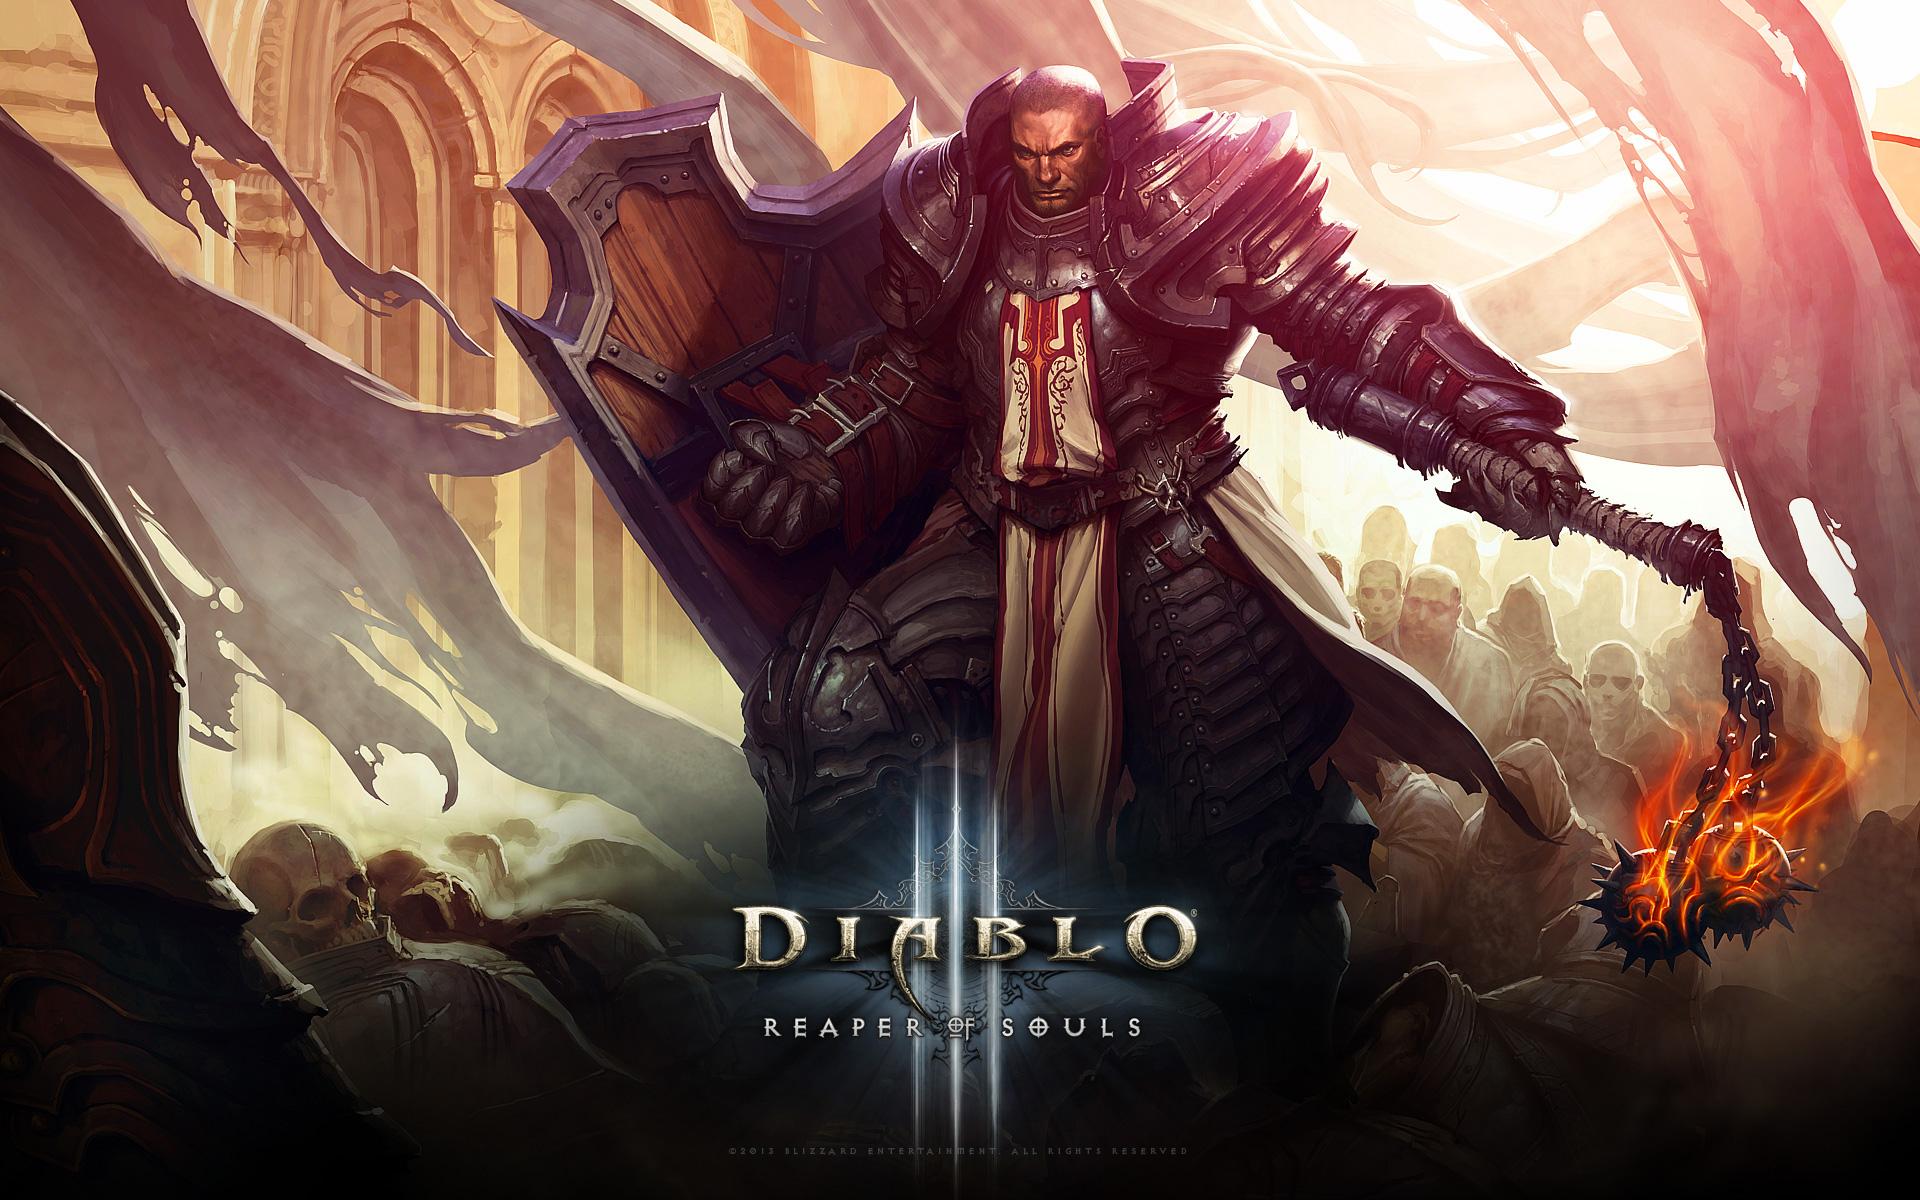 Diablo III Wallpaper in 1920x1200